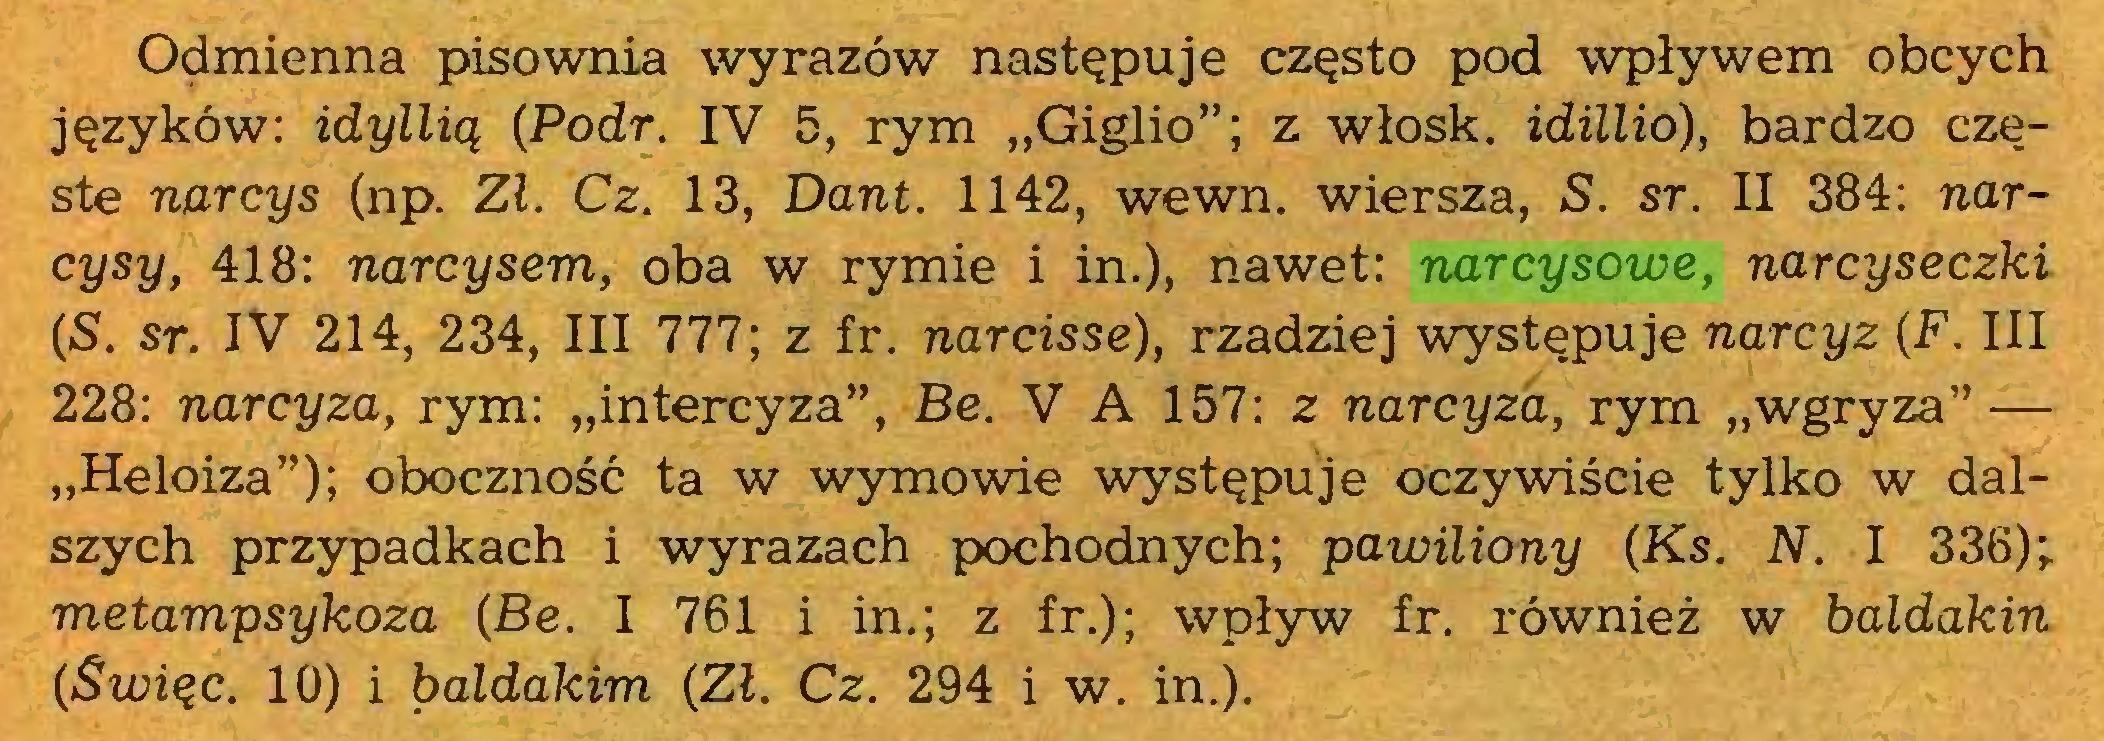 """(...) Odmienna pisownia wyrazów następuje często pod wpływem obcych języków: idyllią (Podr. IV 5, rym """"Giglio""""; z włosk. idillio), bardzo częste narcys (np. Zl. Cz. 13, Dant. 1142, wewn. wiersza, S. sr. II 384: narcysy, 418: narcysem, oba w rymie i in.), nawet: narcysowe, narcyseczki (S. sr. IV 214, 234, III 777; z fr. narcisse), rzadziej występuje narcyz (F. III 228: narcyza, rym: """"intercyza"""", Be. V A 157: z narcyza, rym """"wgryza"""" — """"Heloiza""""); oboczność ta w wymowie występuje oczywiście tylko w dalszych przypadkach i wyrazach pochodnych; pawiliony (Ks. N. I 336); metampsykoza (Be. I 761 i in.; z fr.); wpływ fr. również w baldakin (Swięc. 10) i baldakim (Zl. Cz. 294 i w. in.)..."""